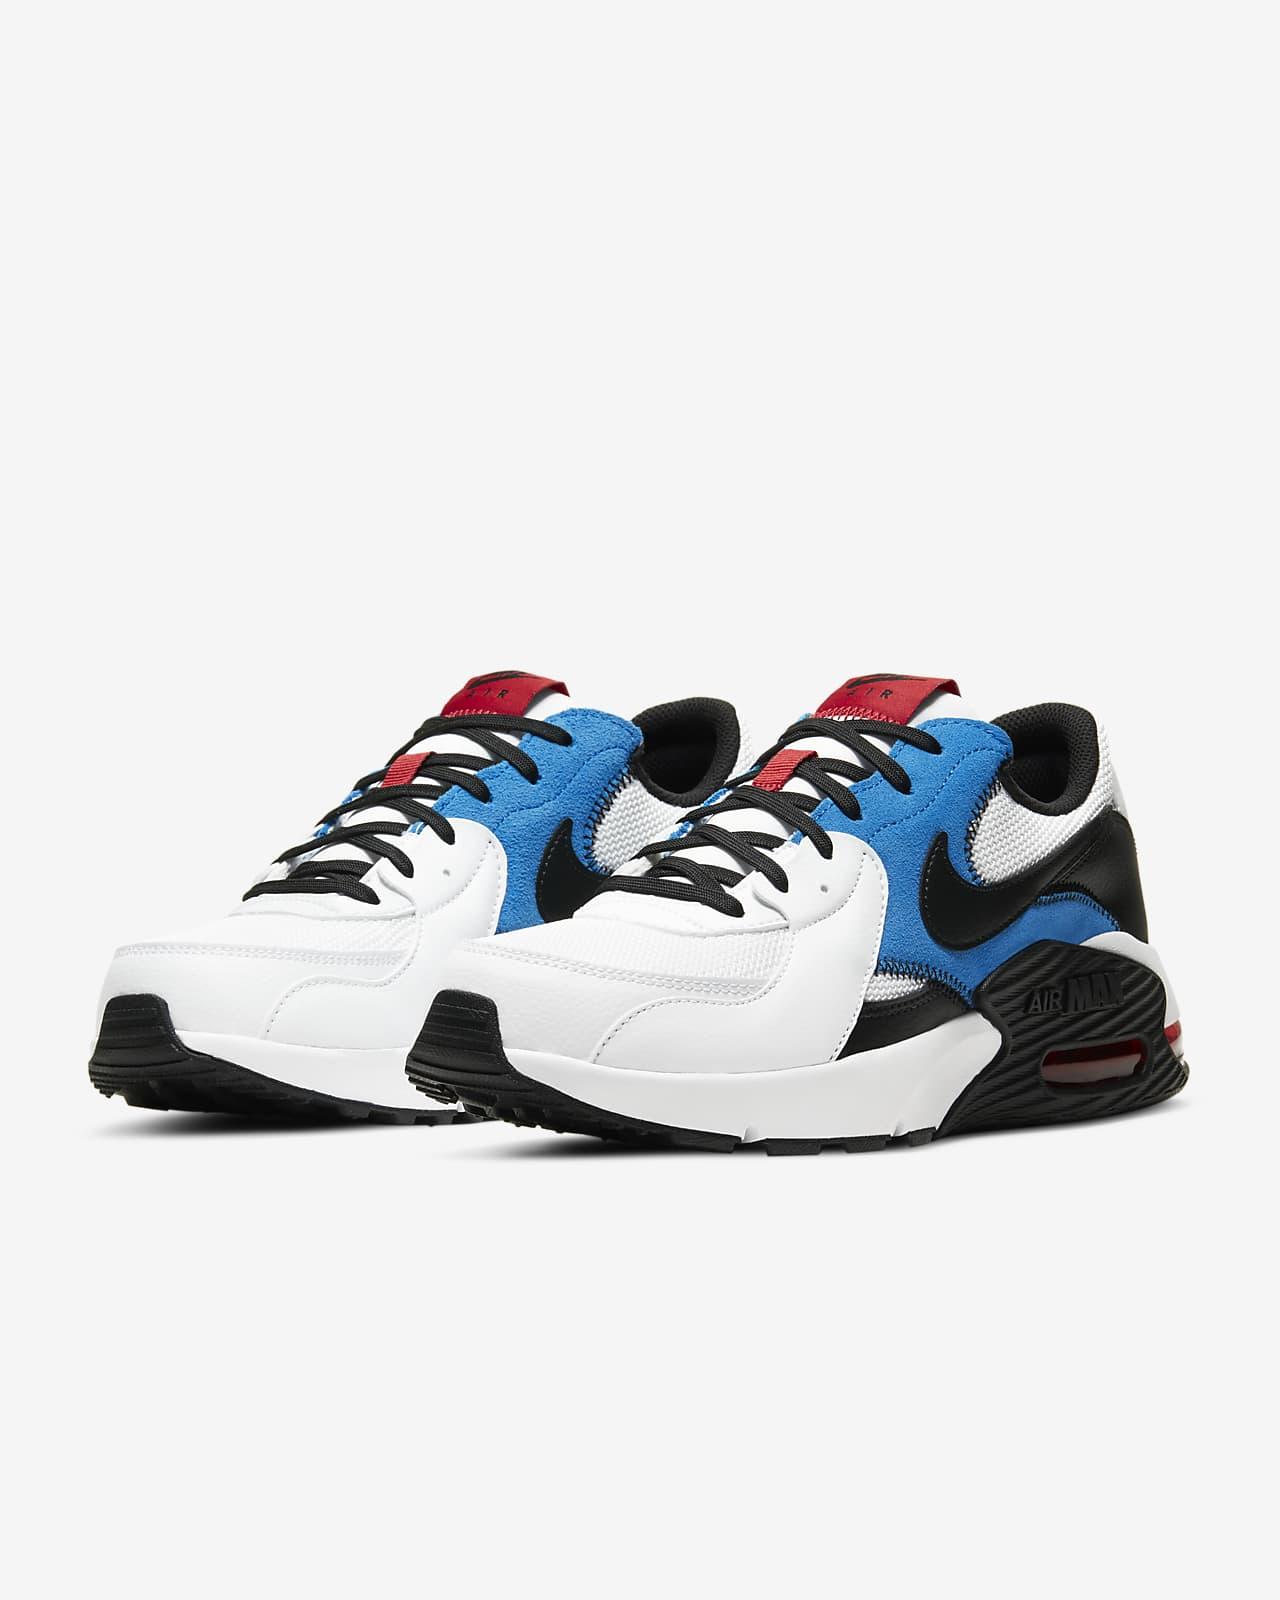 nike shoes man 2018 air max